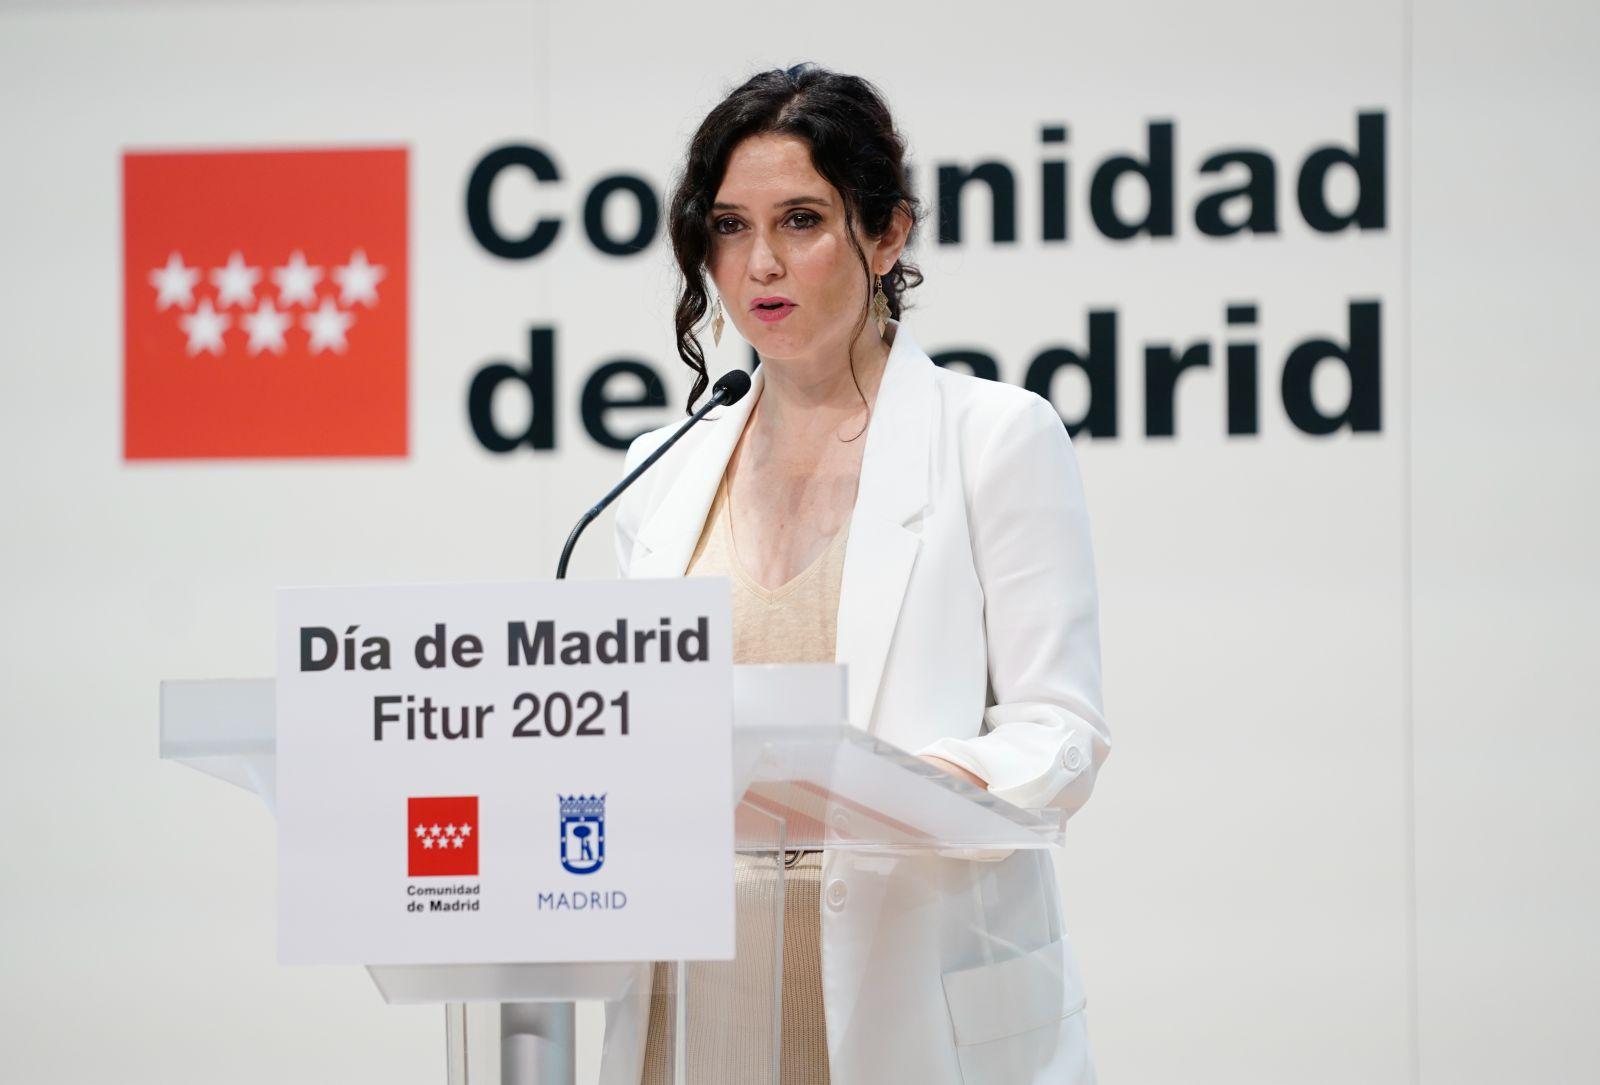 """Isabel Díaz Ayuso se chotea del plan 'España 2050' de Sánchez: """"A este paso van a prohibir los chuletones"""""""